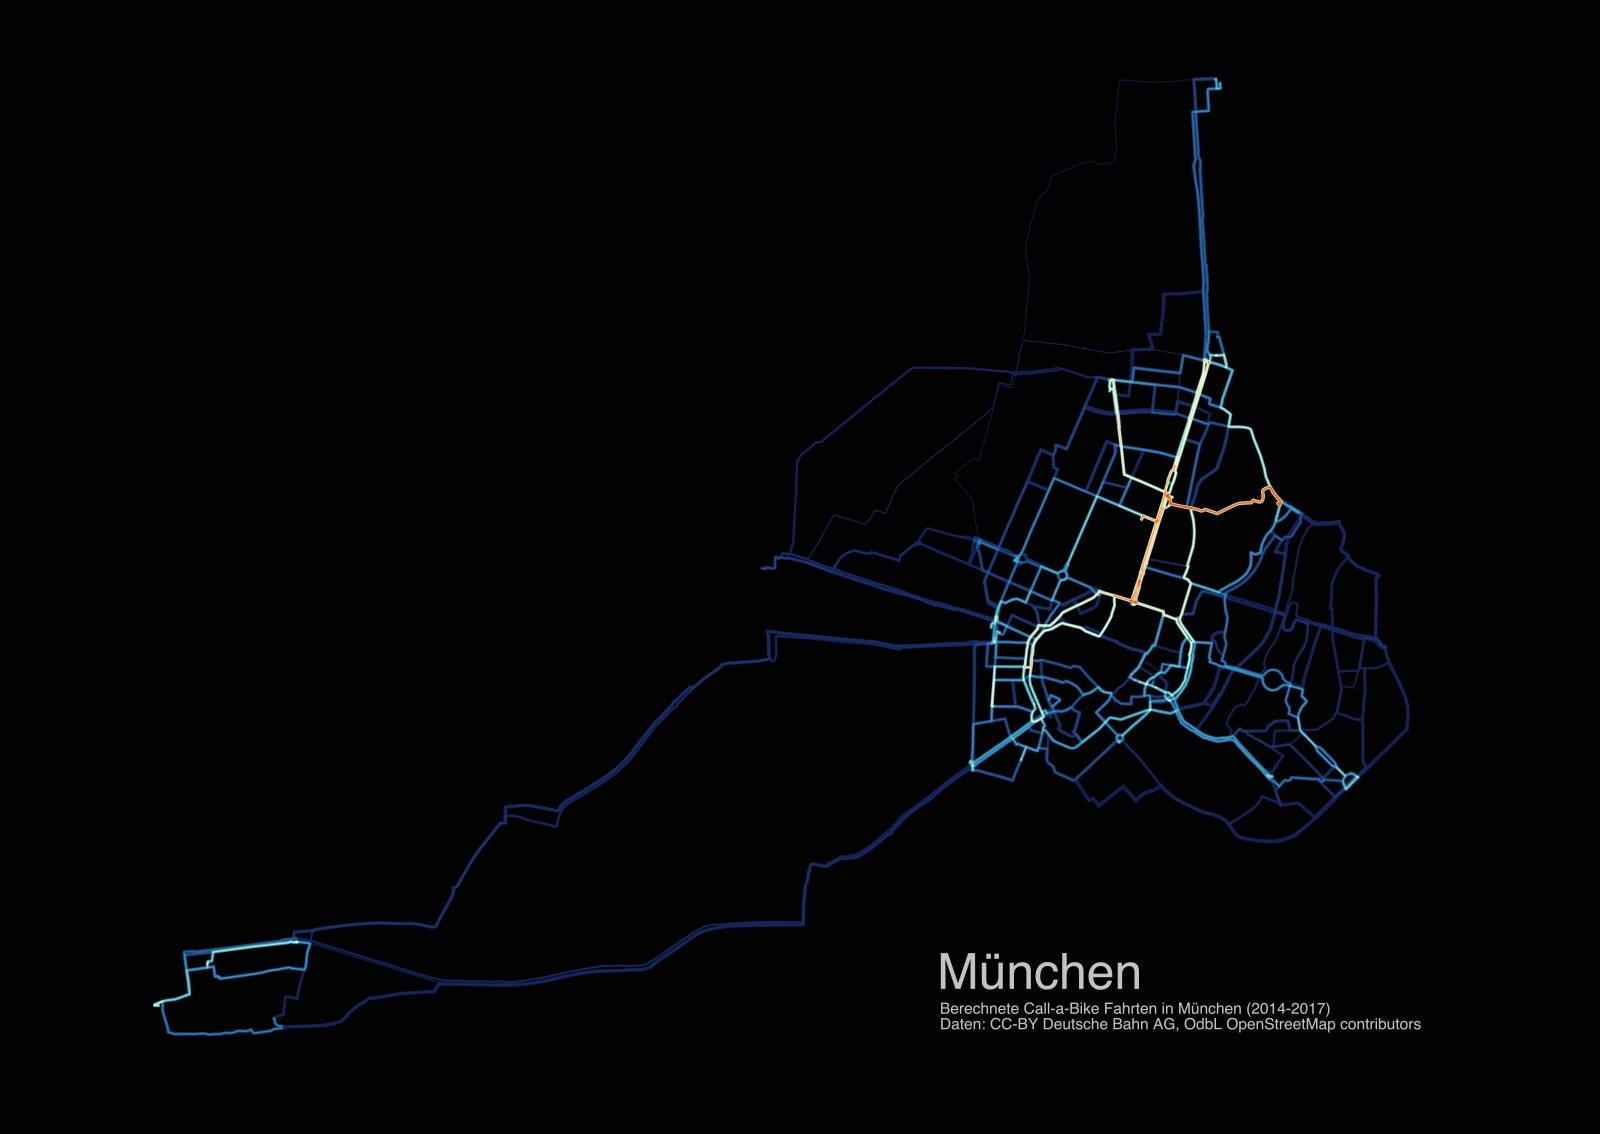 München Radverkehr Routen Bikesharing Call a Bike 2014 2015 2016 2017